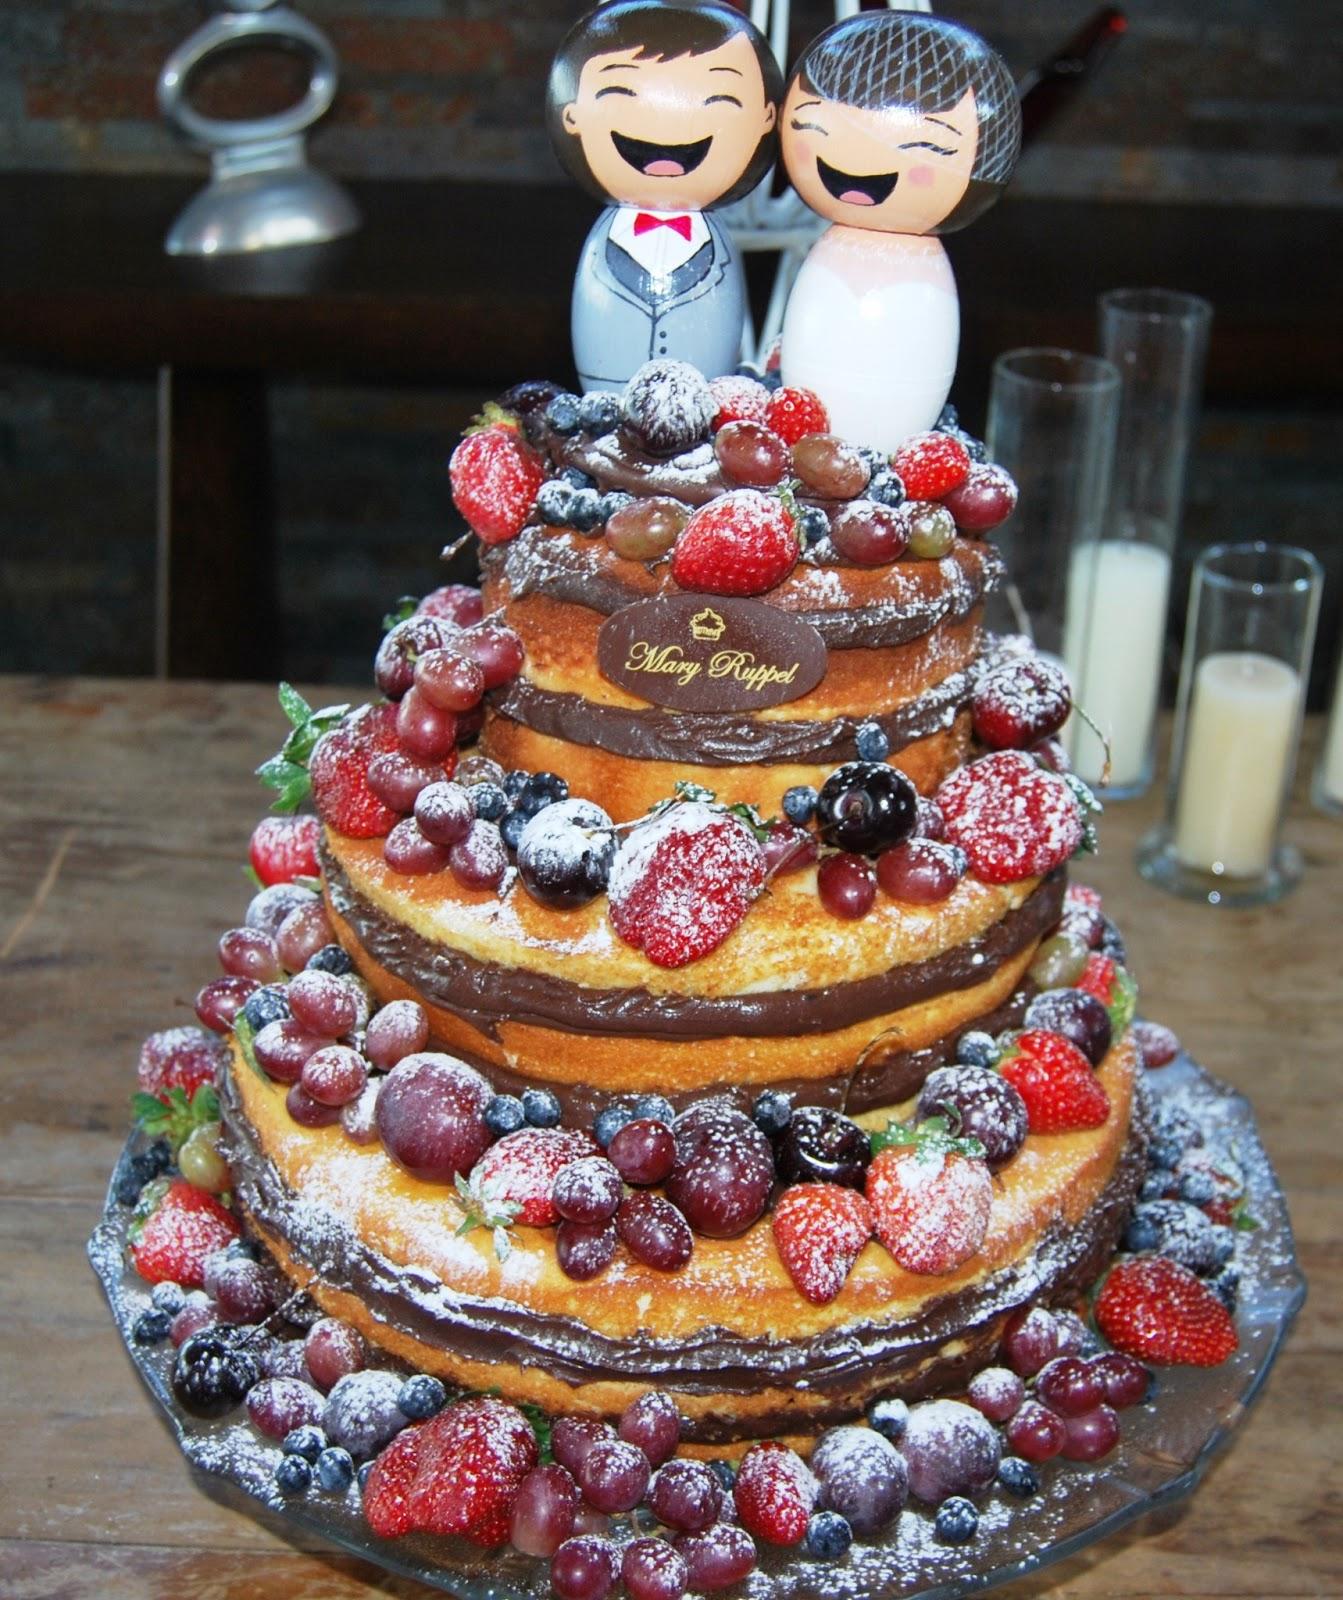 Qmel & cia: Bolo Naked Cake ou Bolo Pelado de Morango